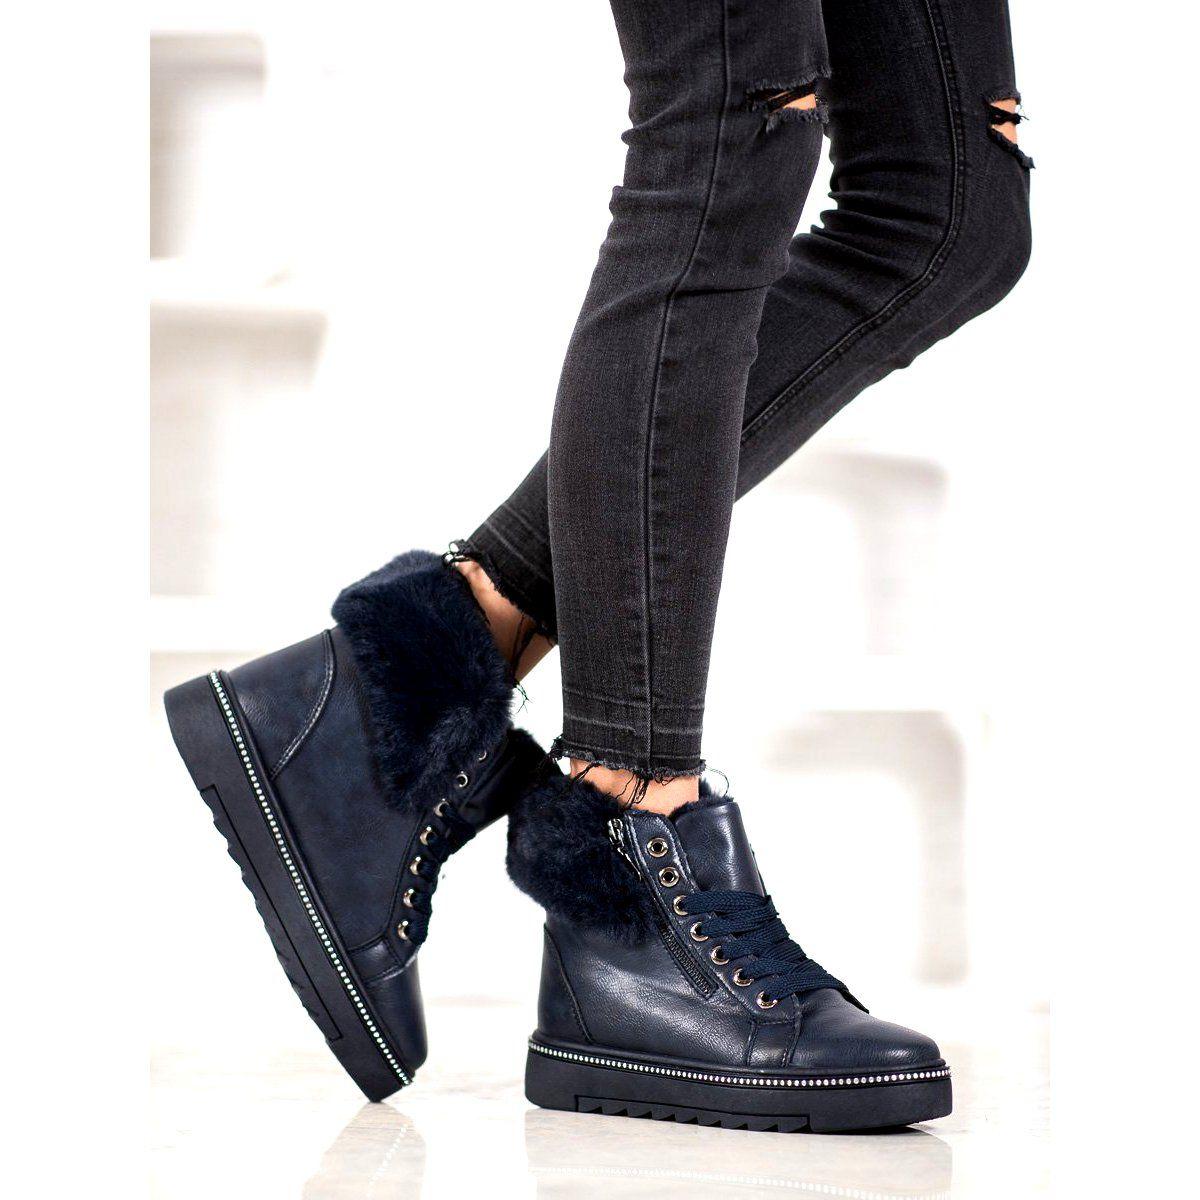 Shelovet Niebieskie Botki Z Futerkiem Clothes Fashion Black Jeans